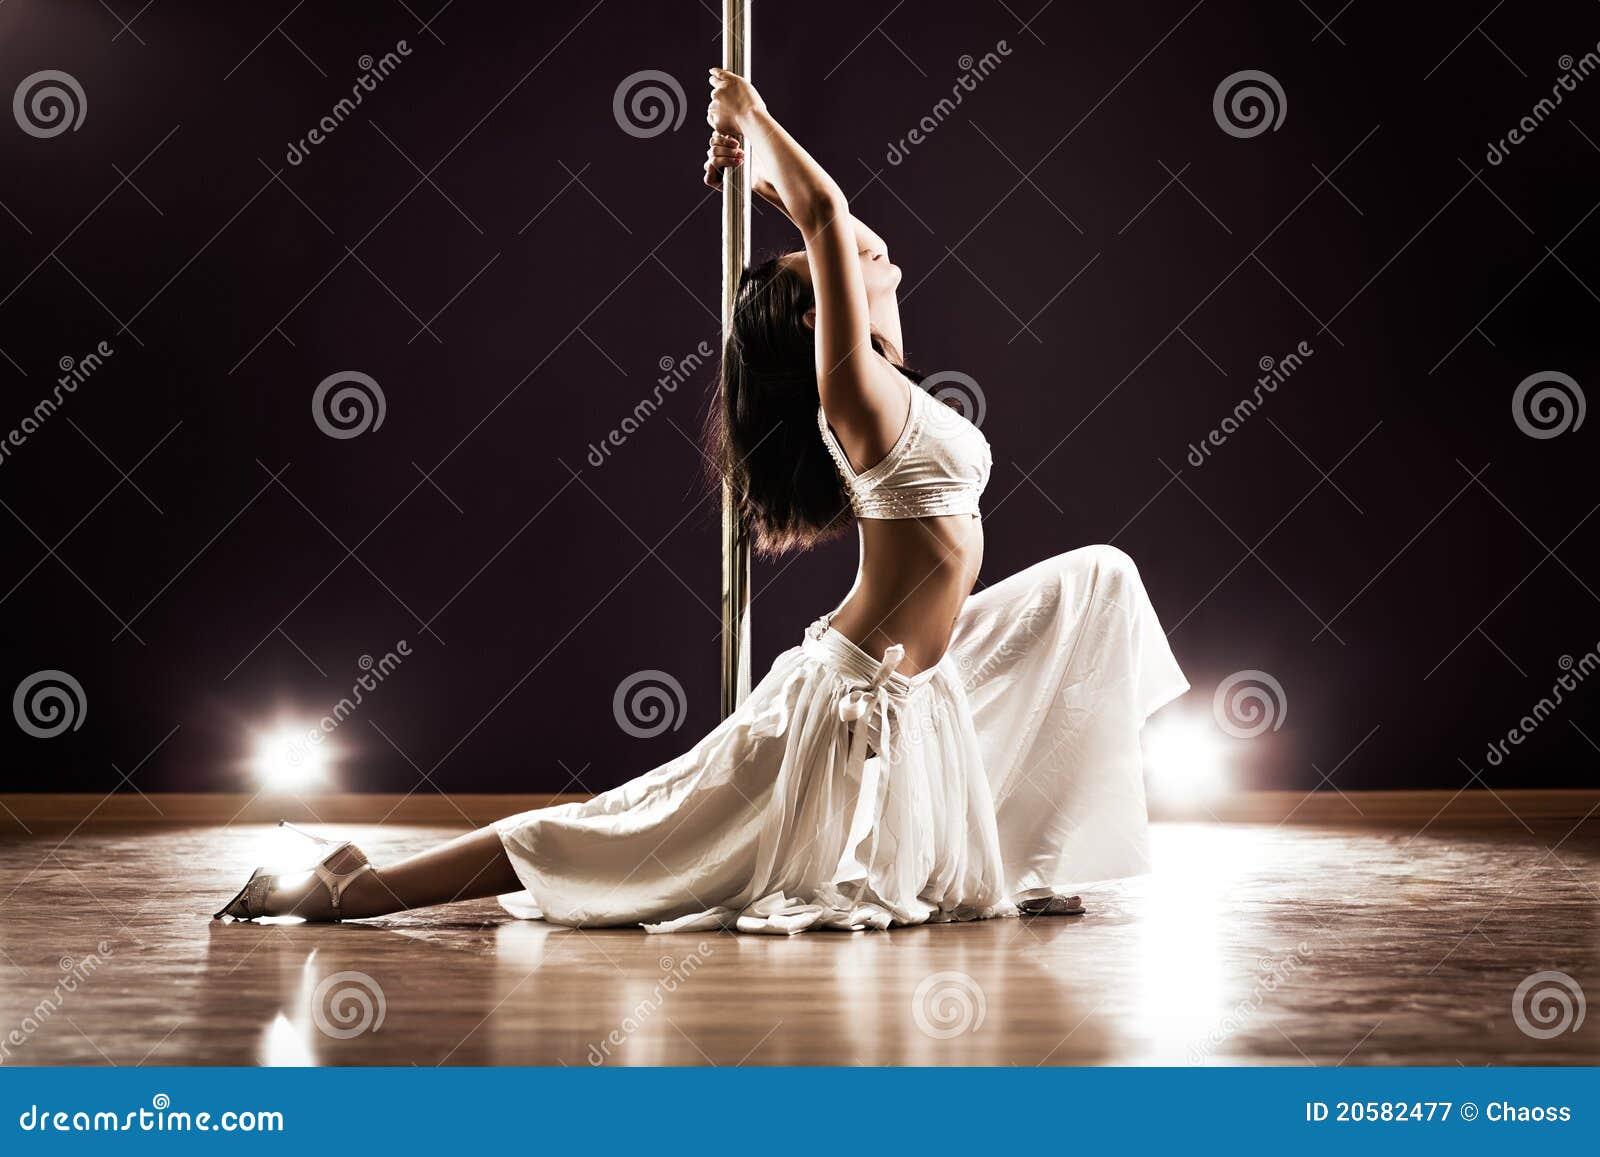 Танец девушки возбуждающий 1 фотография